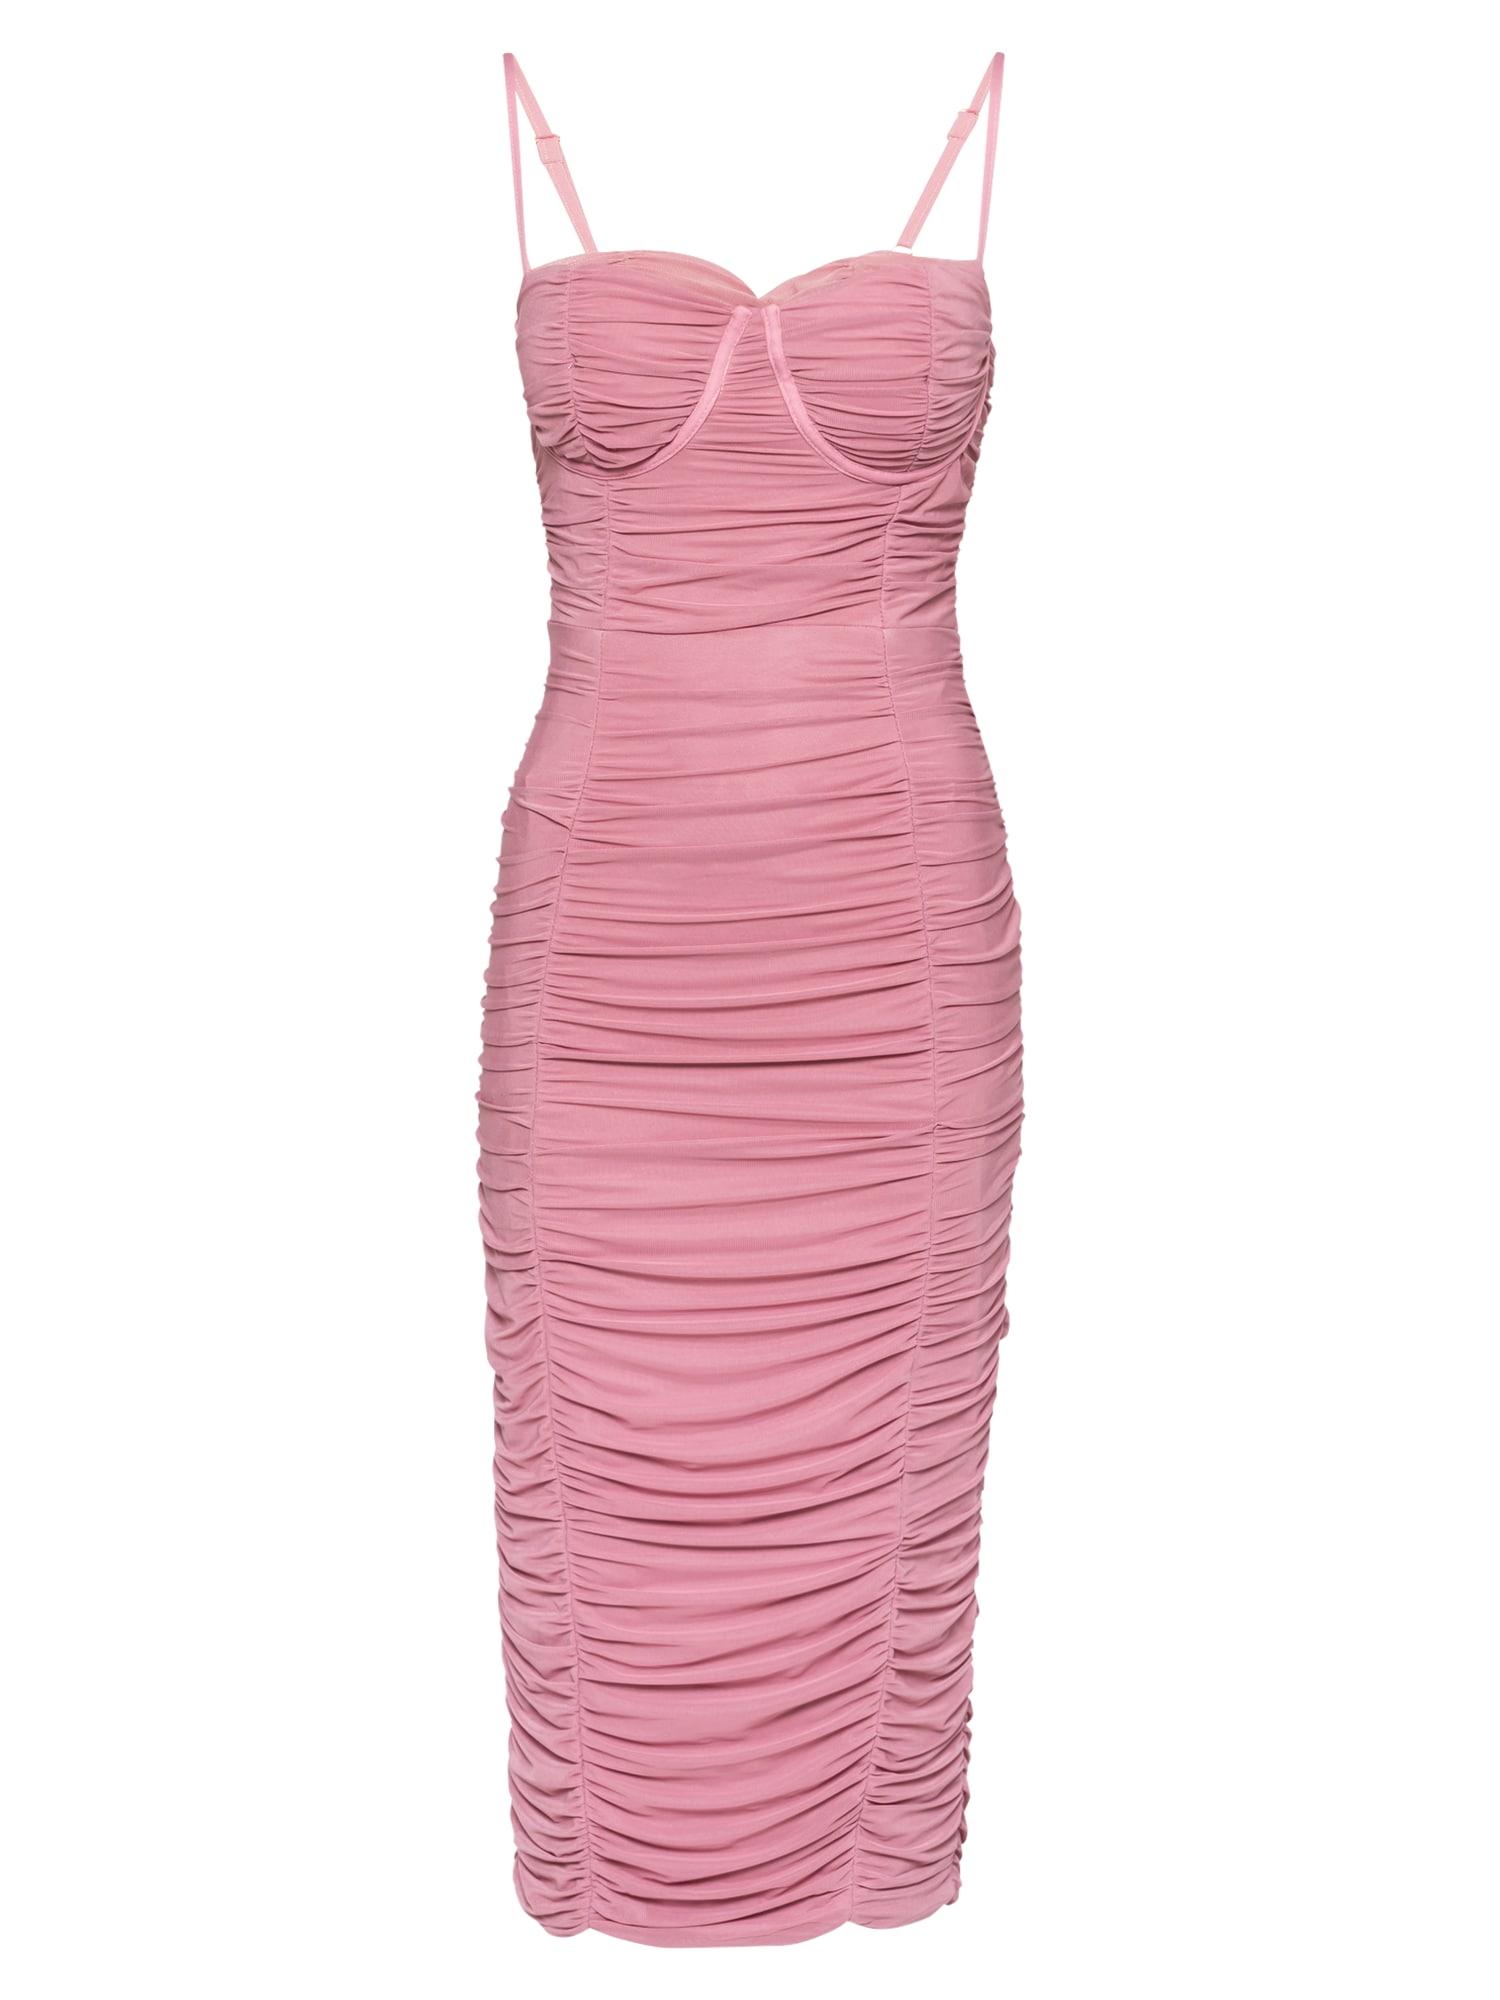 CLUB L LONDON Suknelė rožinė